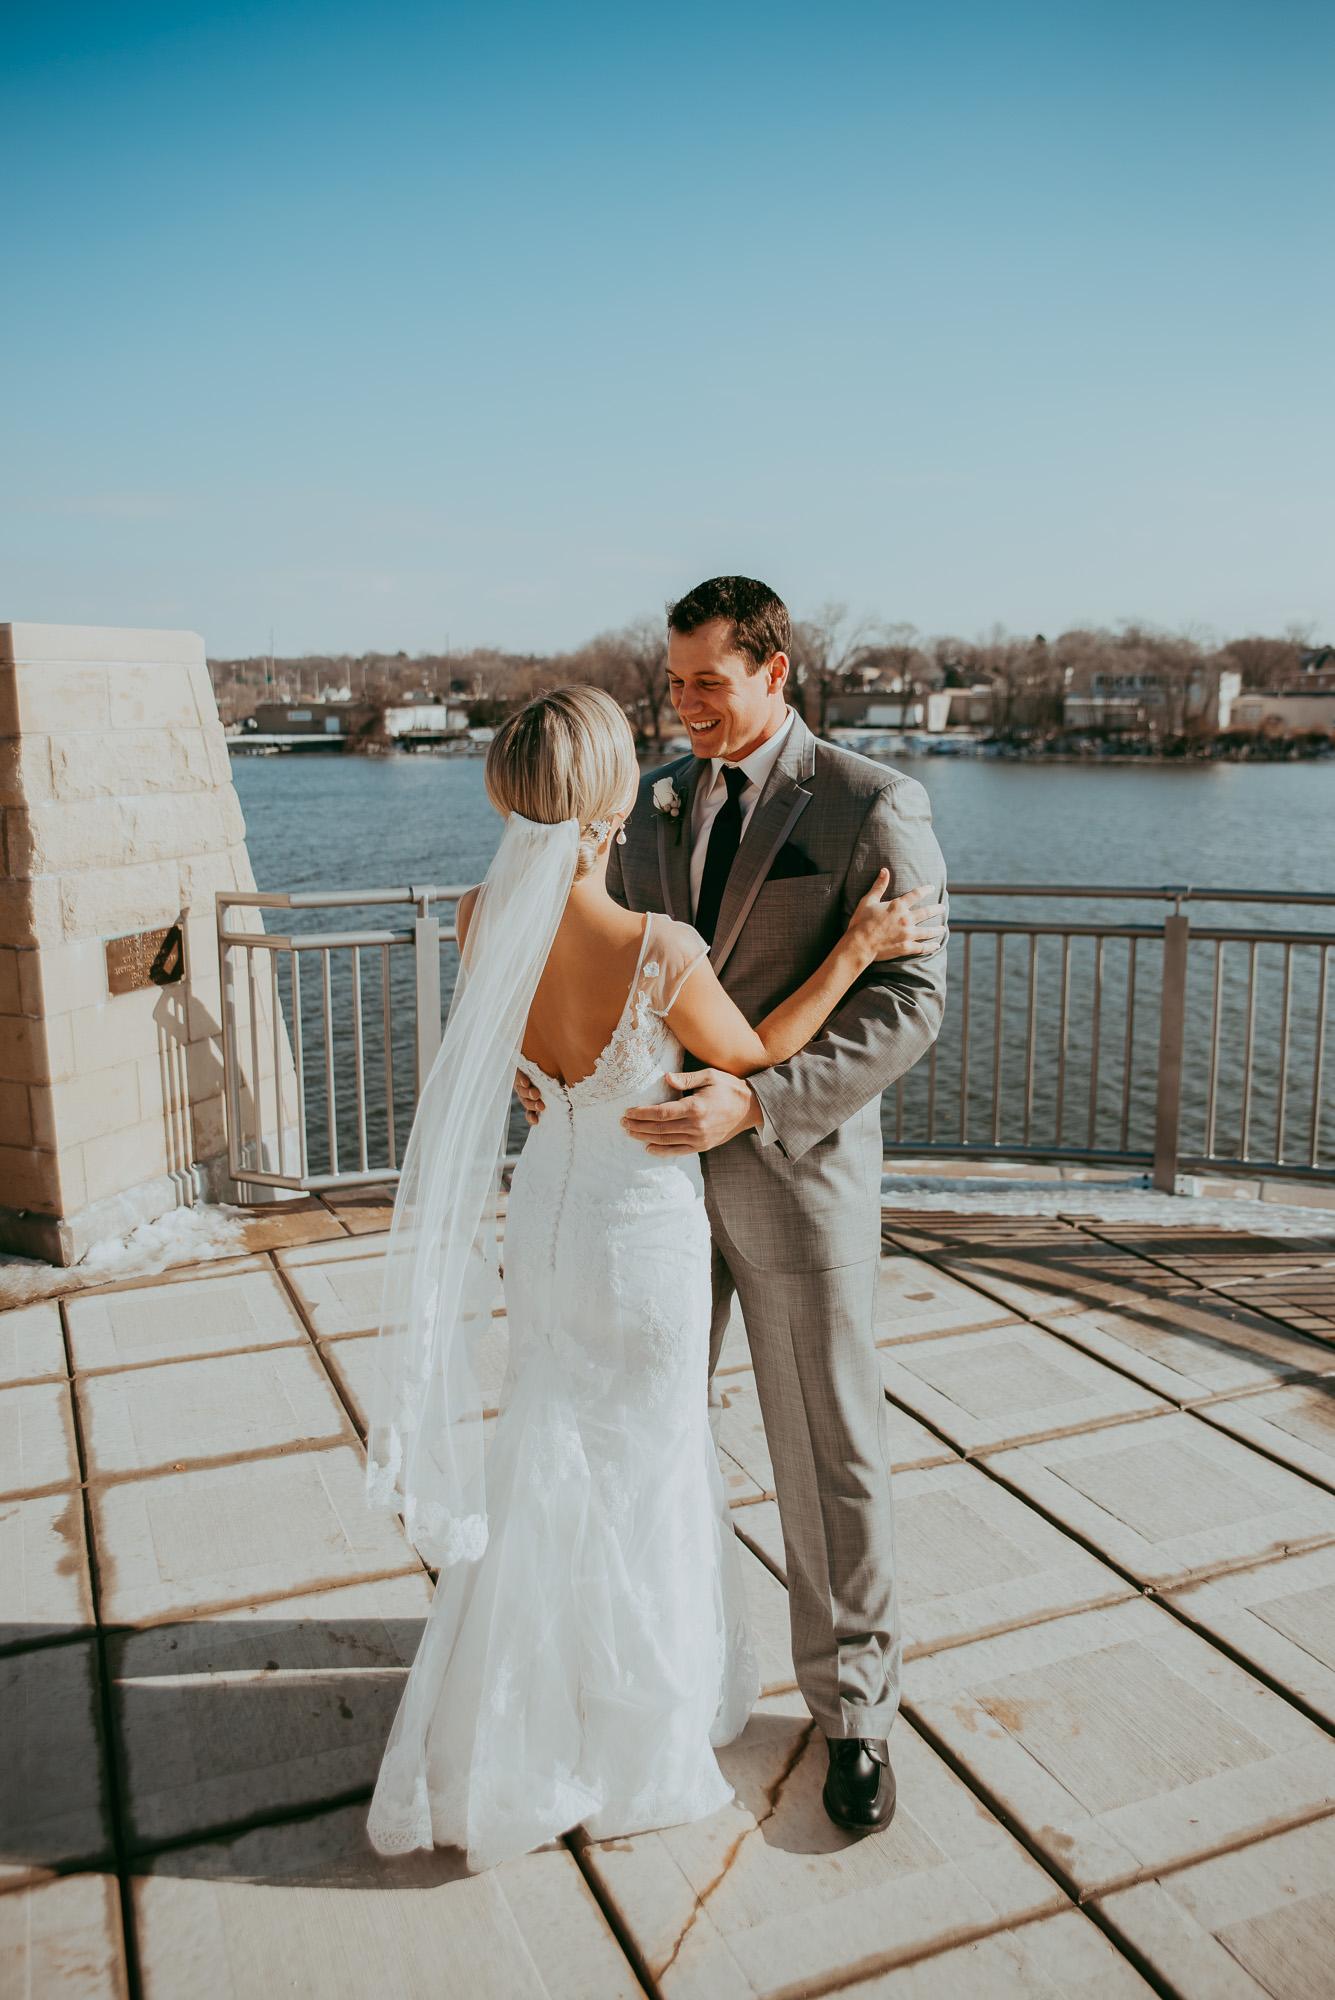 Rockford-IL-wedding-photographers-11.jpg